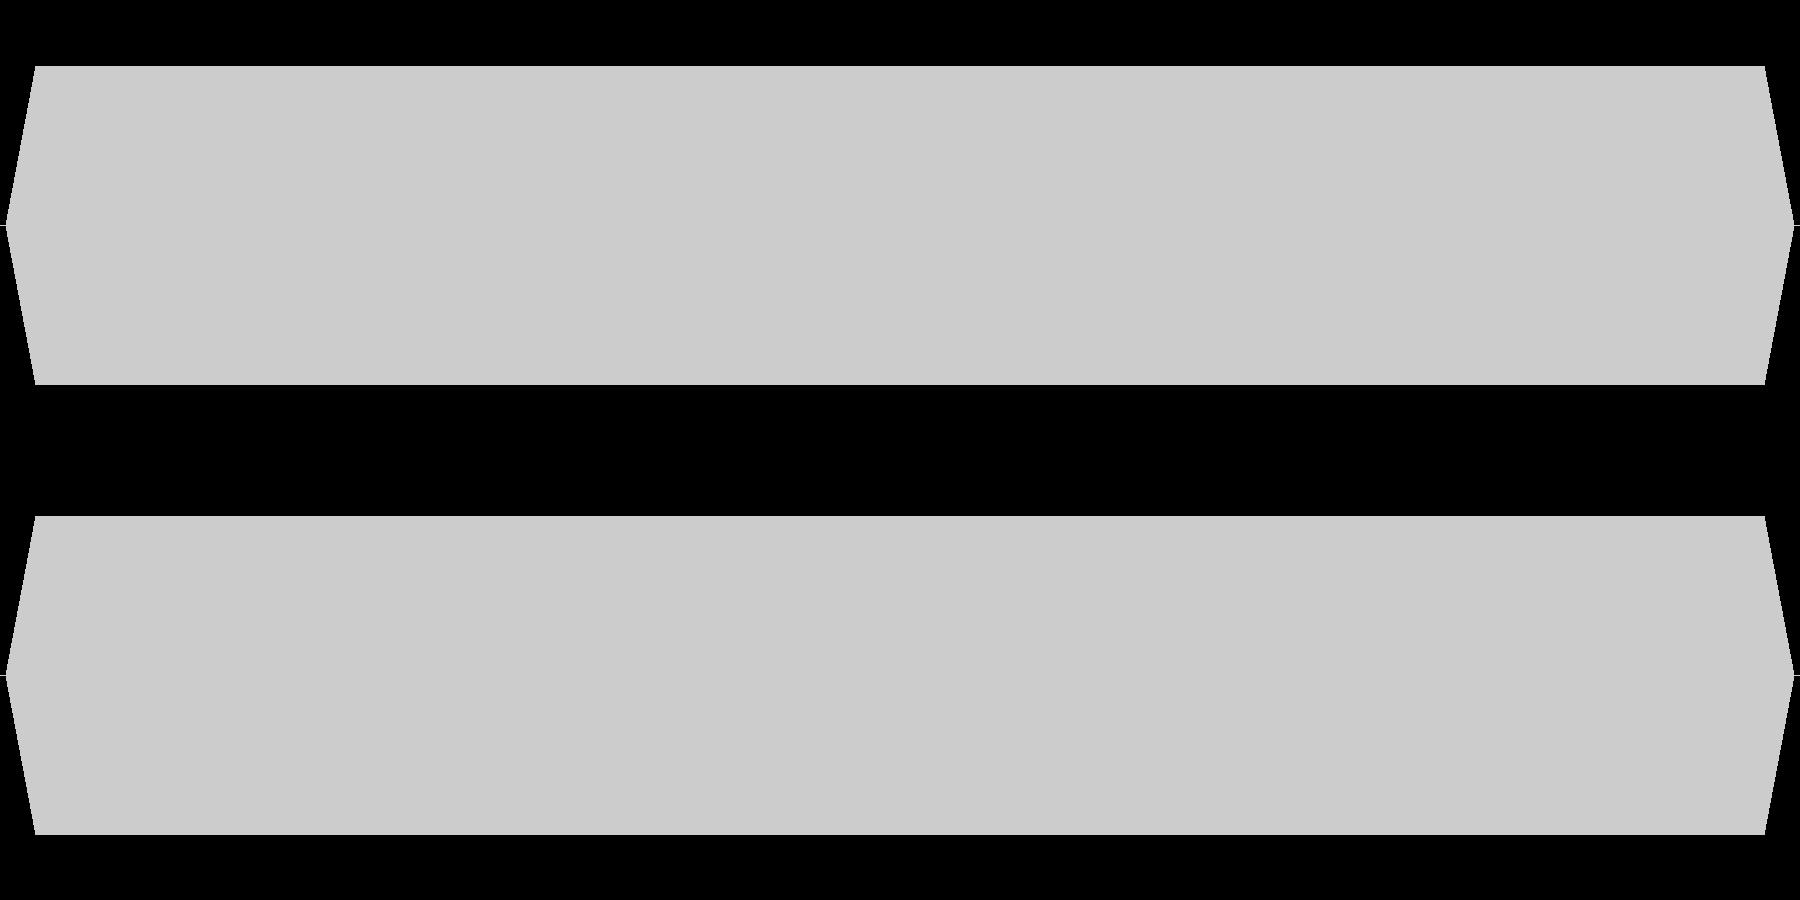 モスキート音 19kHzの未再生の波形